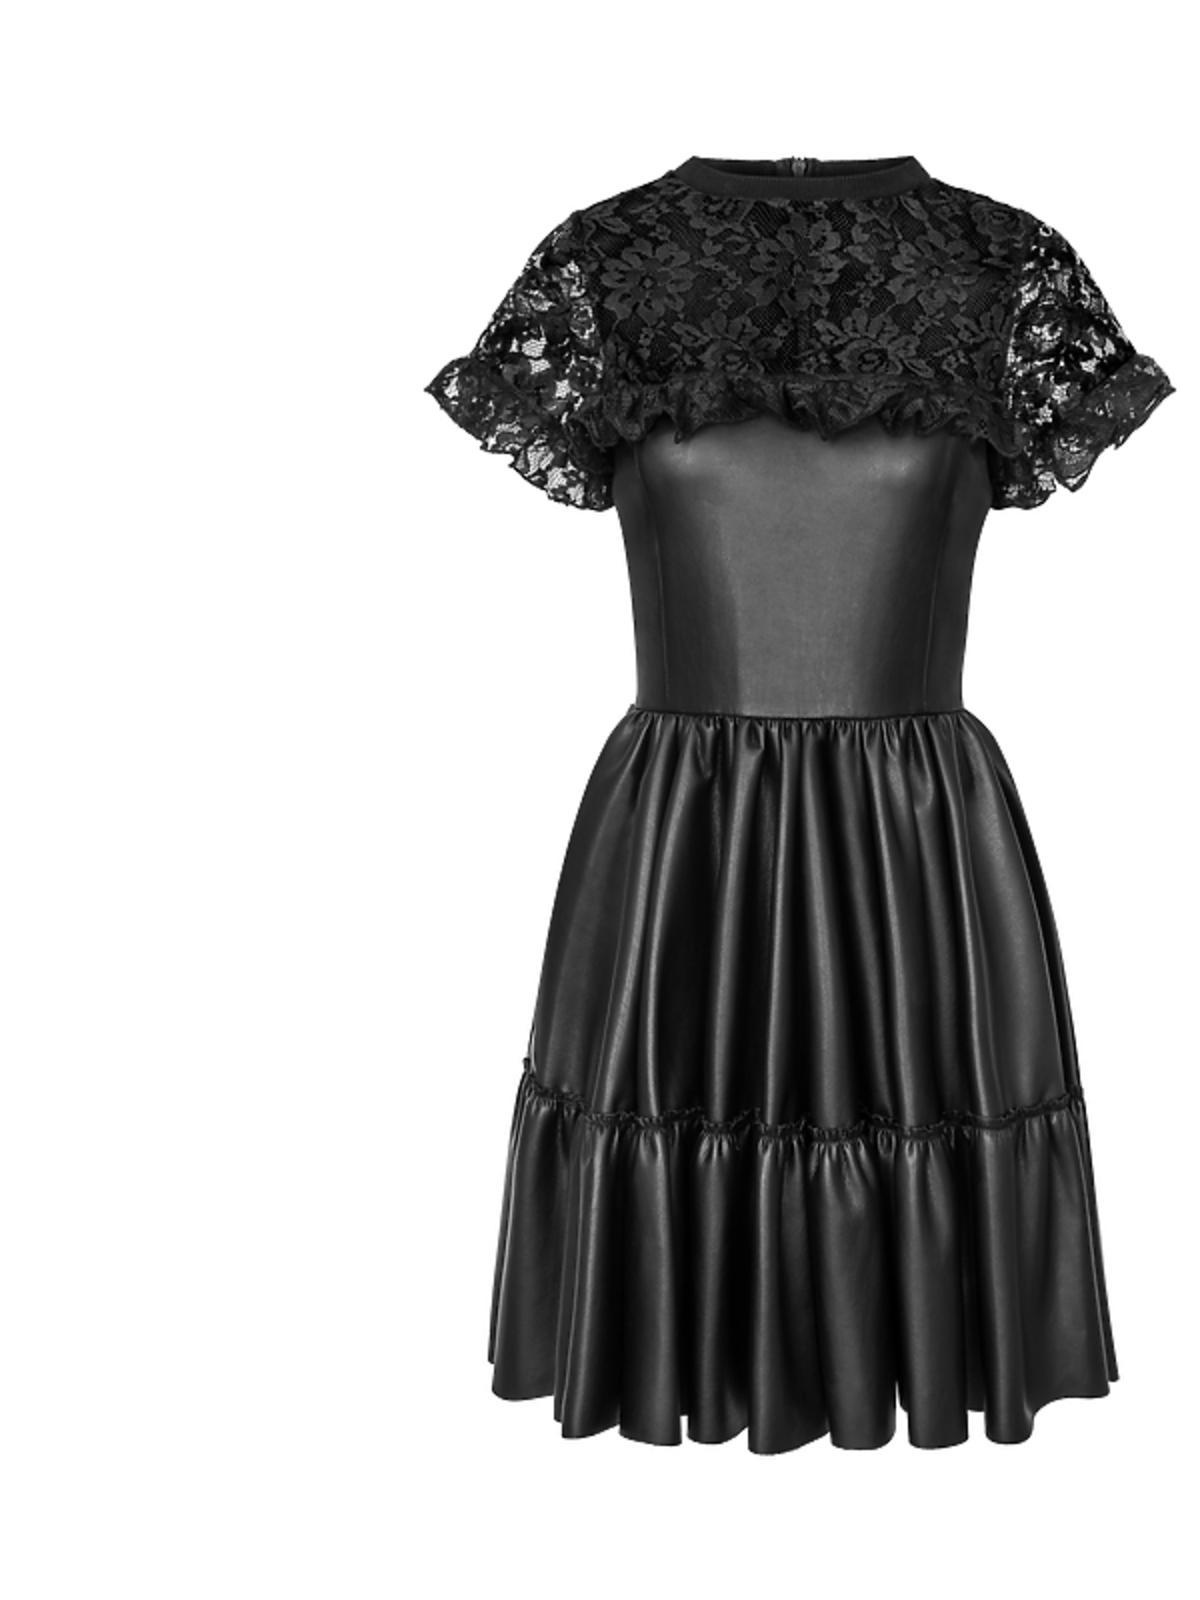 Manifiq&Co, czarna sukienka - koronka połączona ze skórą - 489 zł